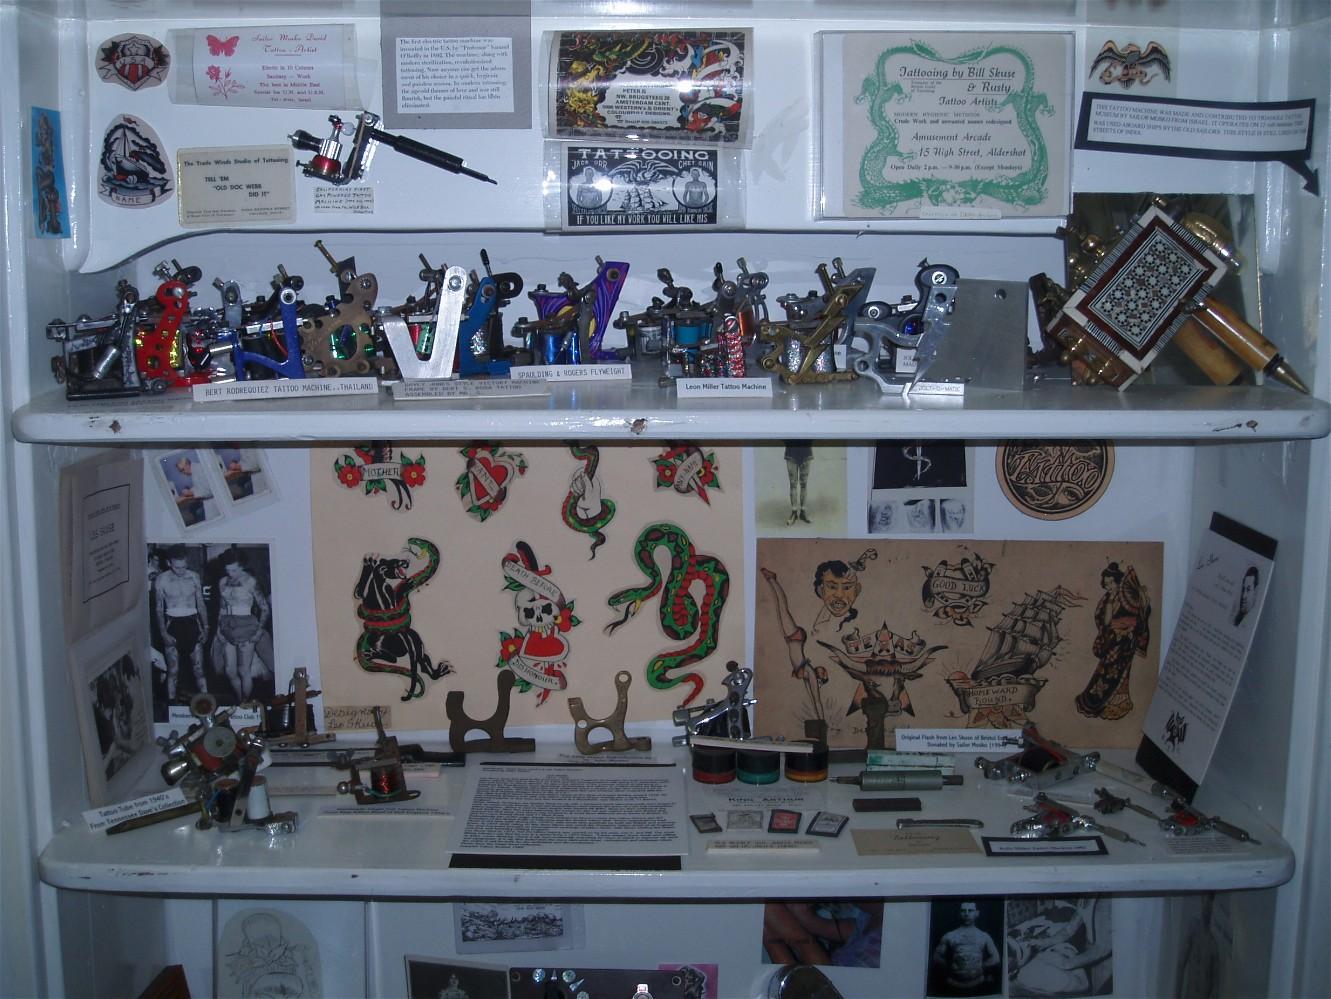 Tattoo Machine Exhibit